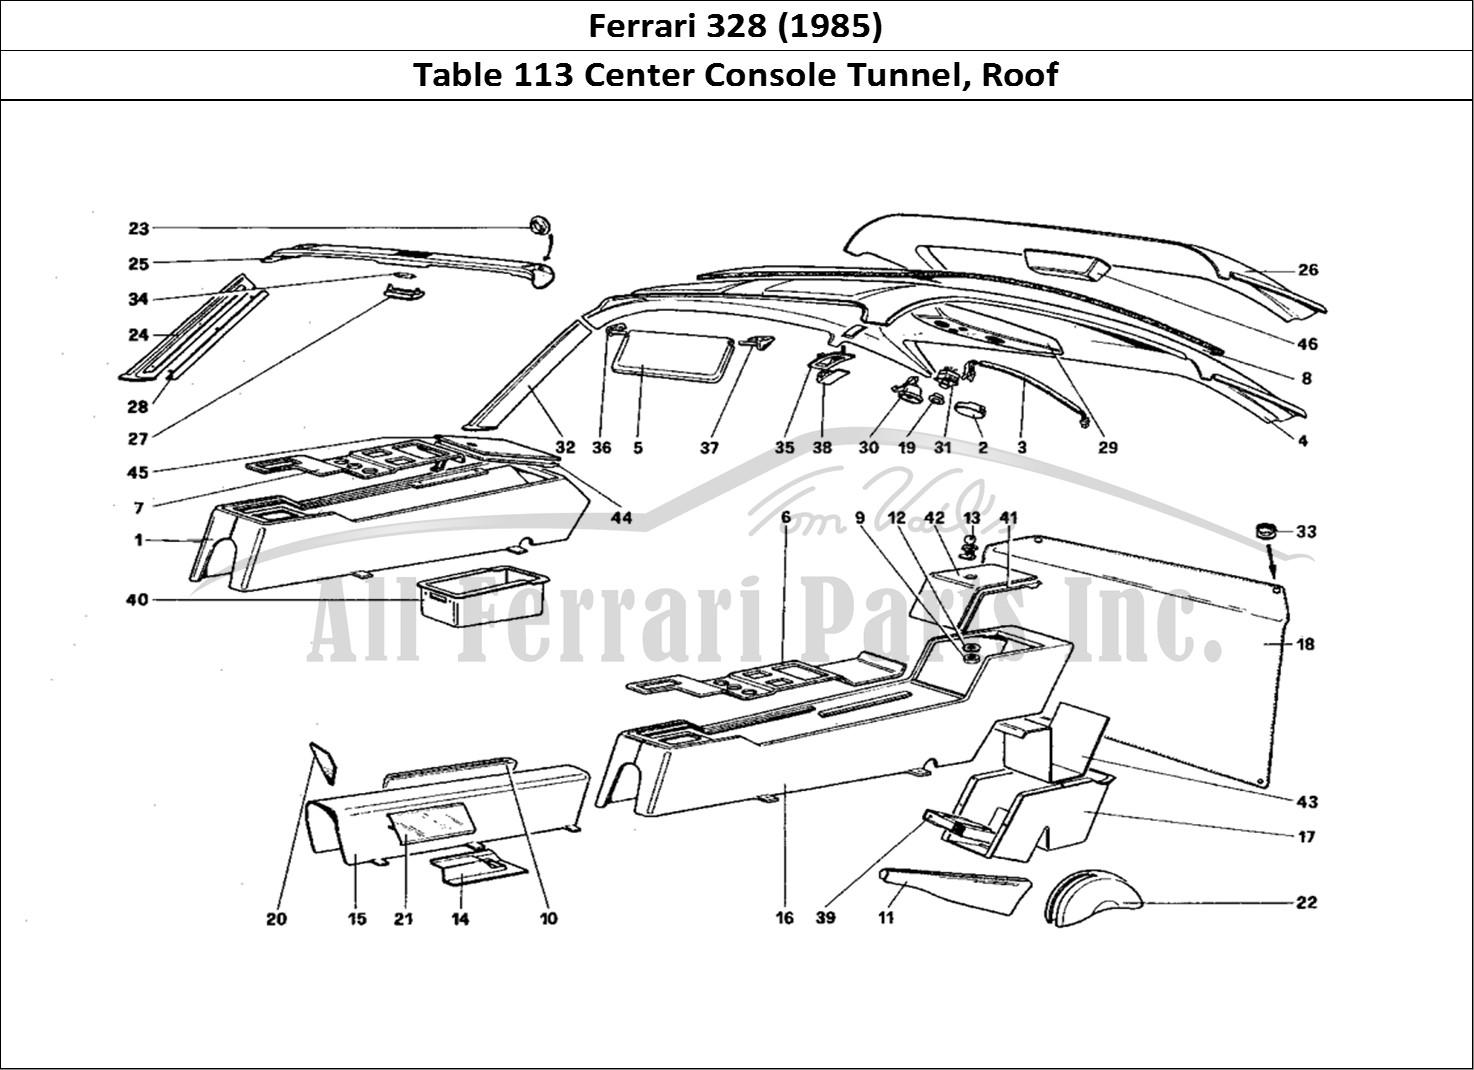 Buy Original Ferrari 328 113 Center Console Tunnel